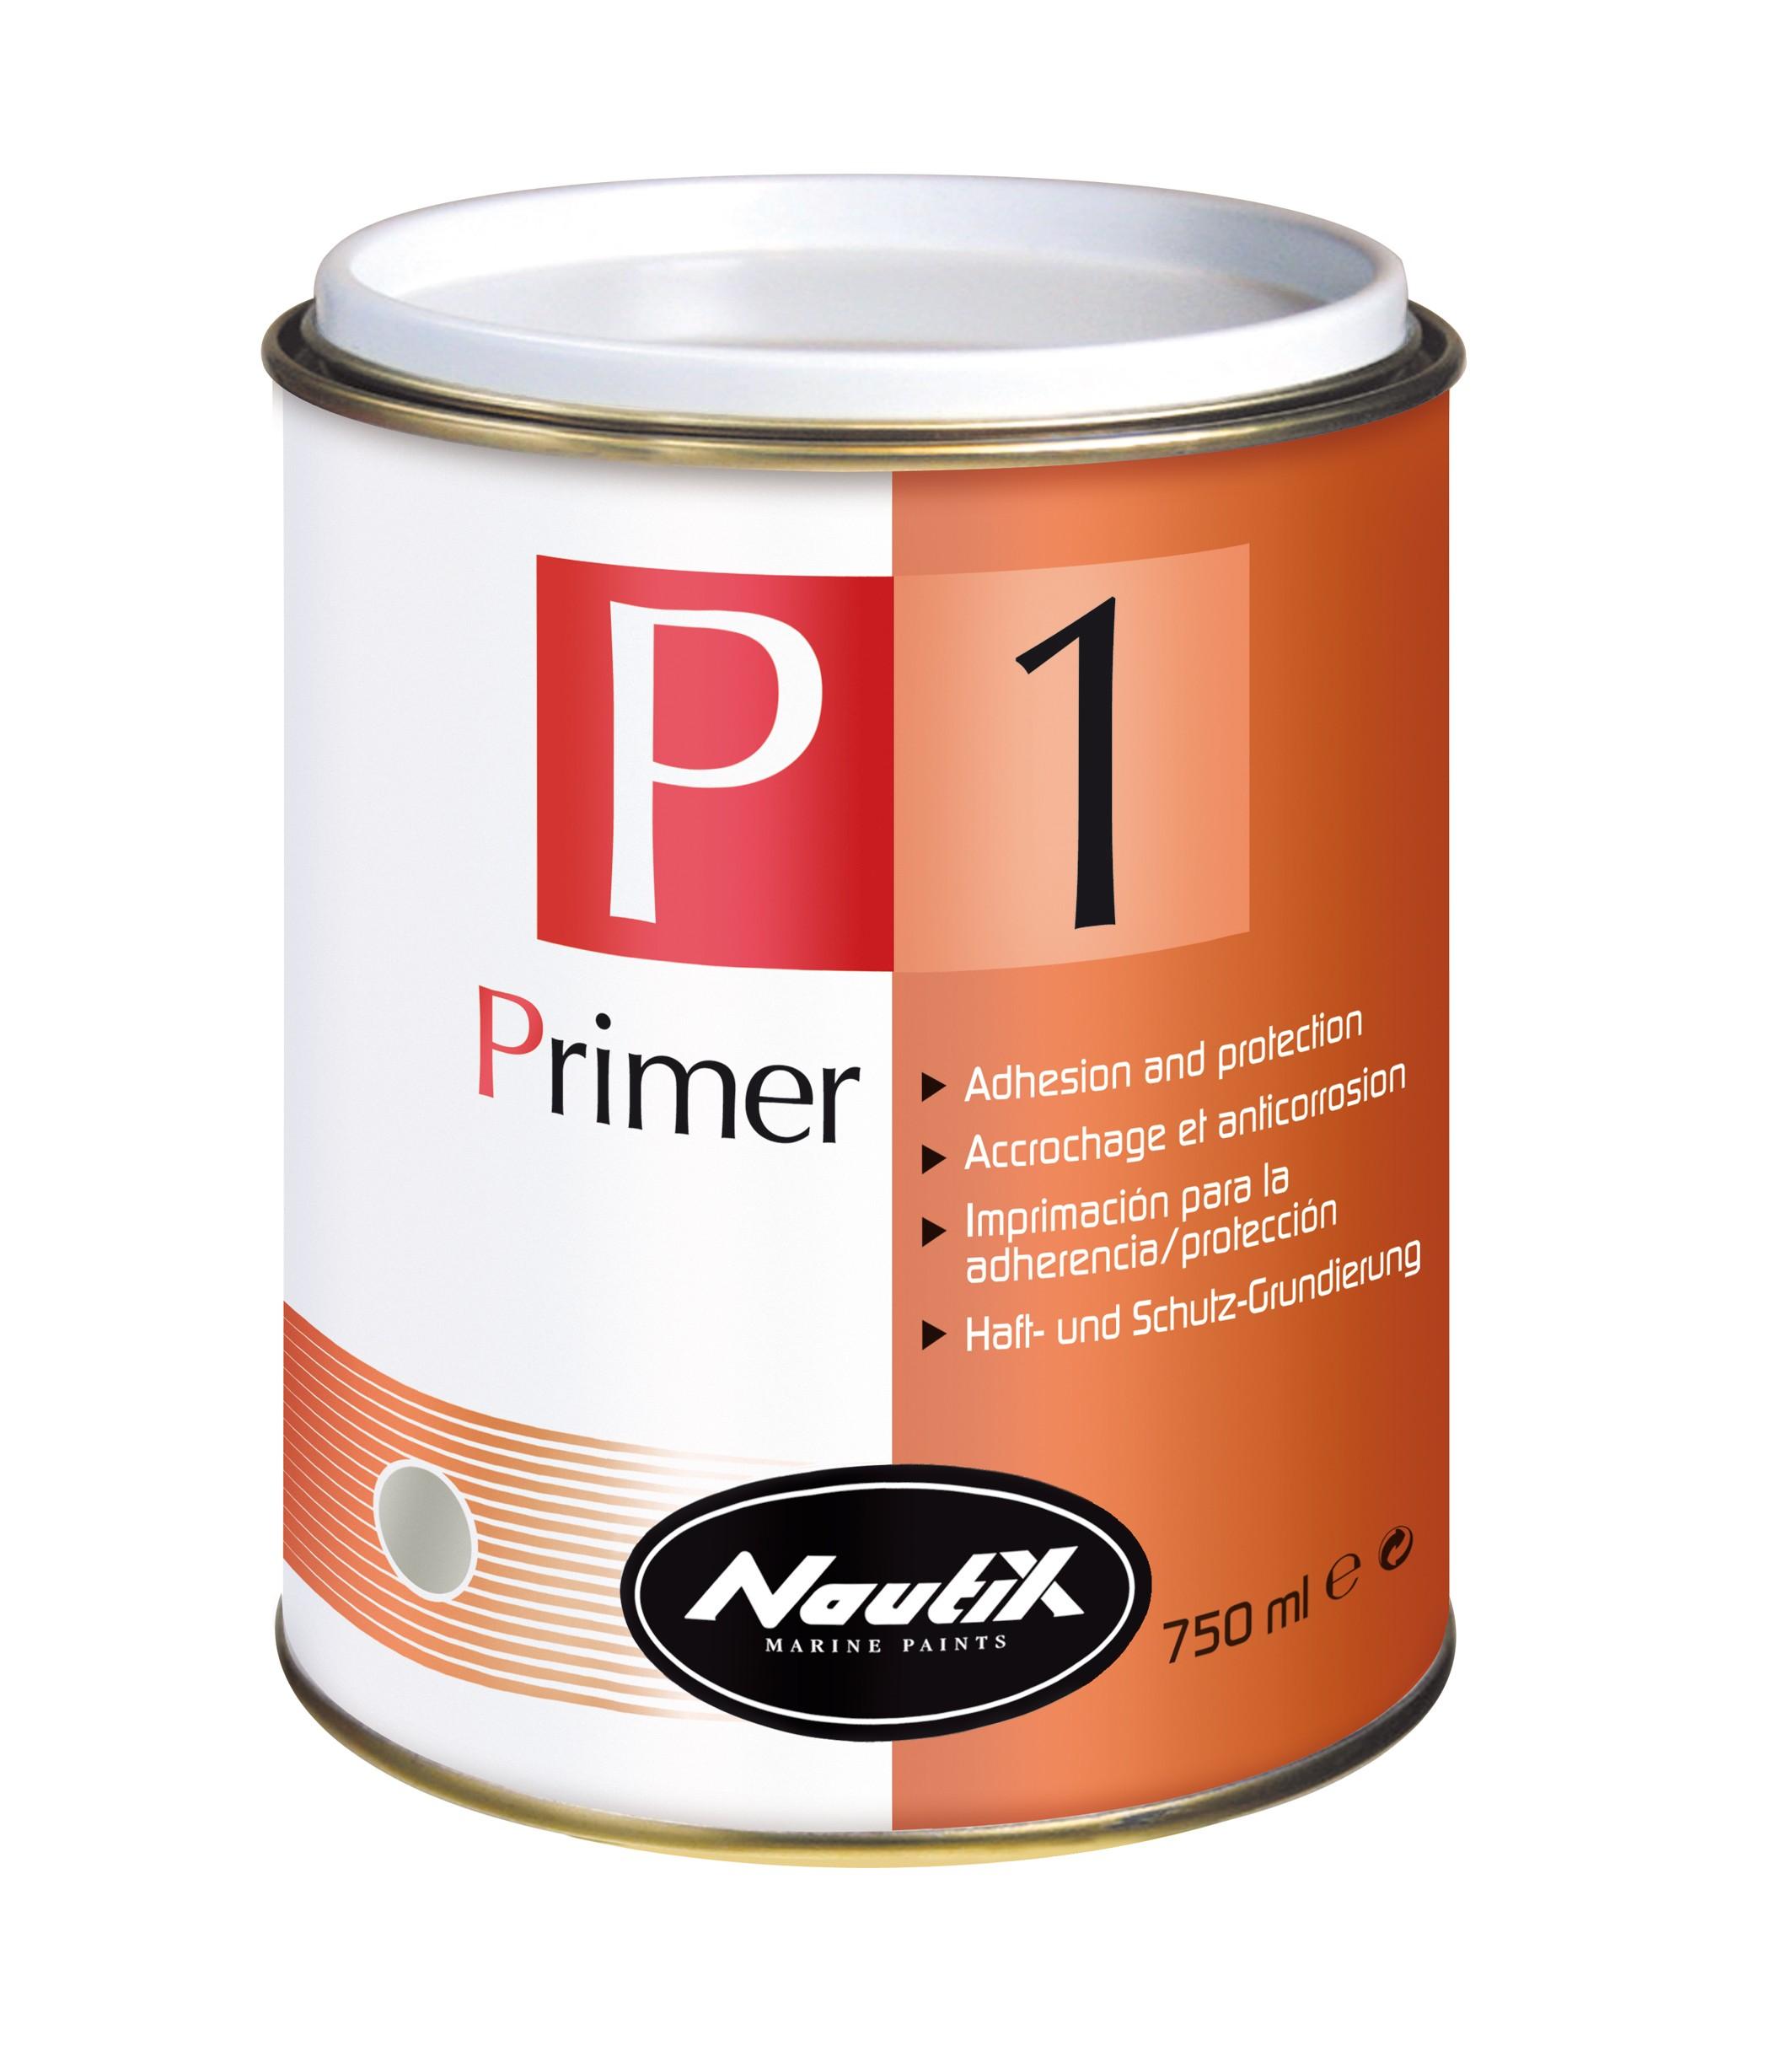 Nautix P1 0.75L